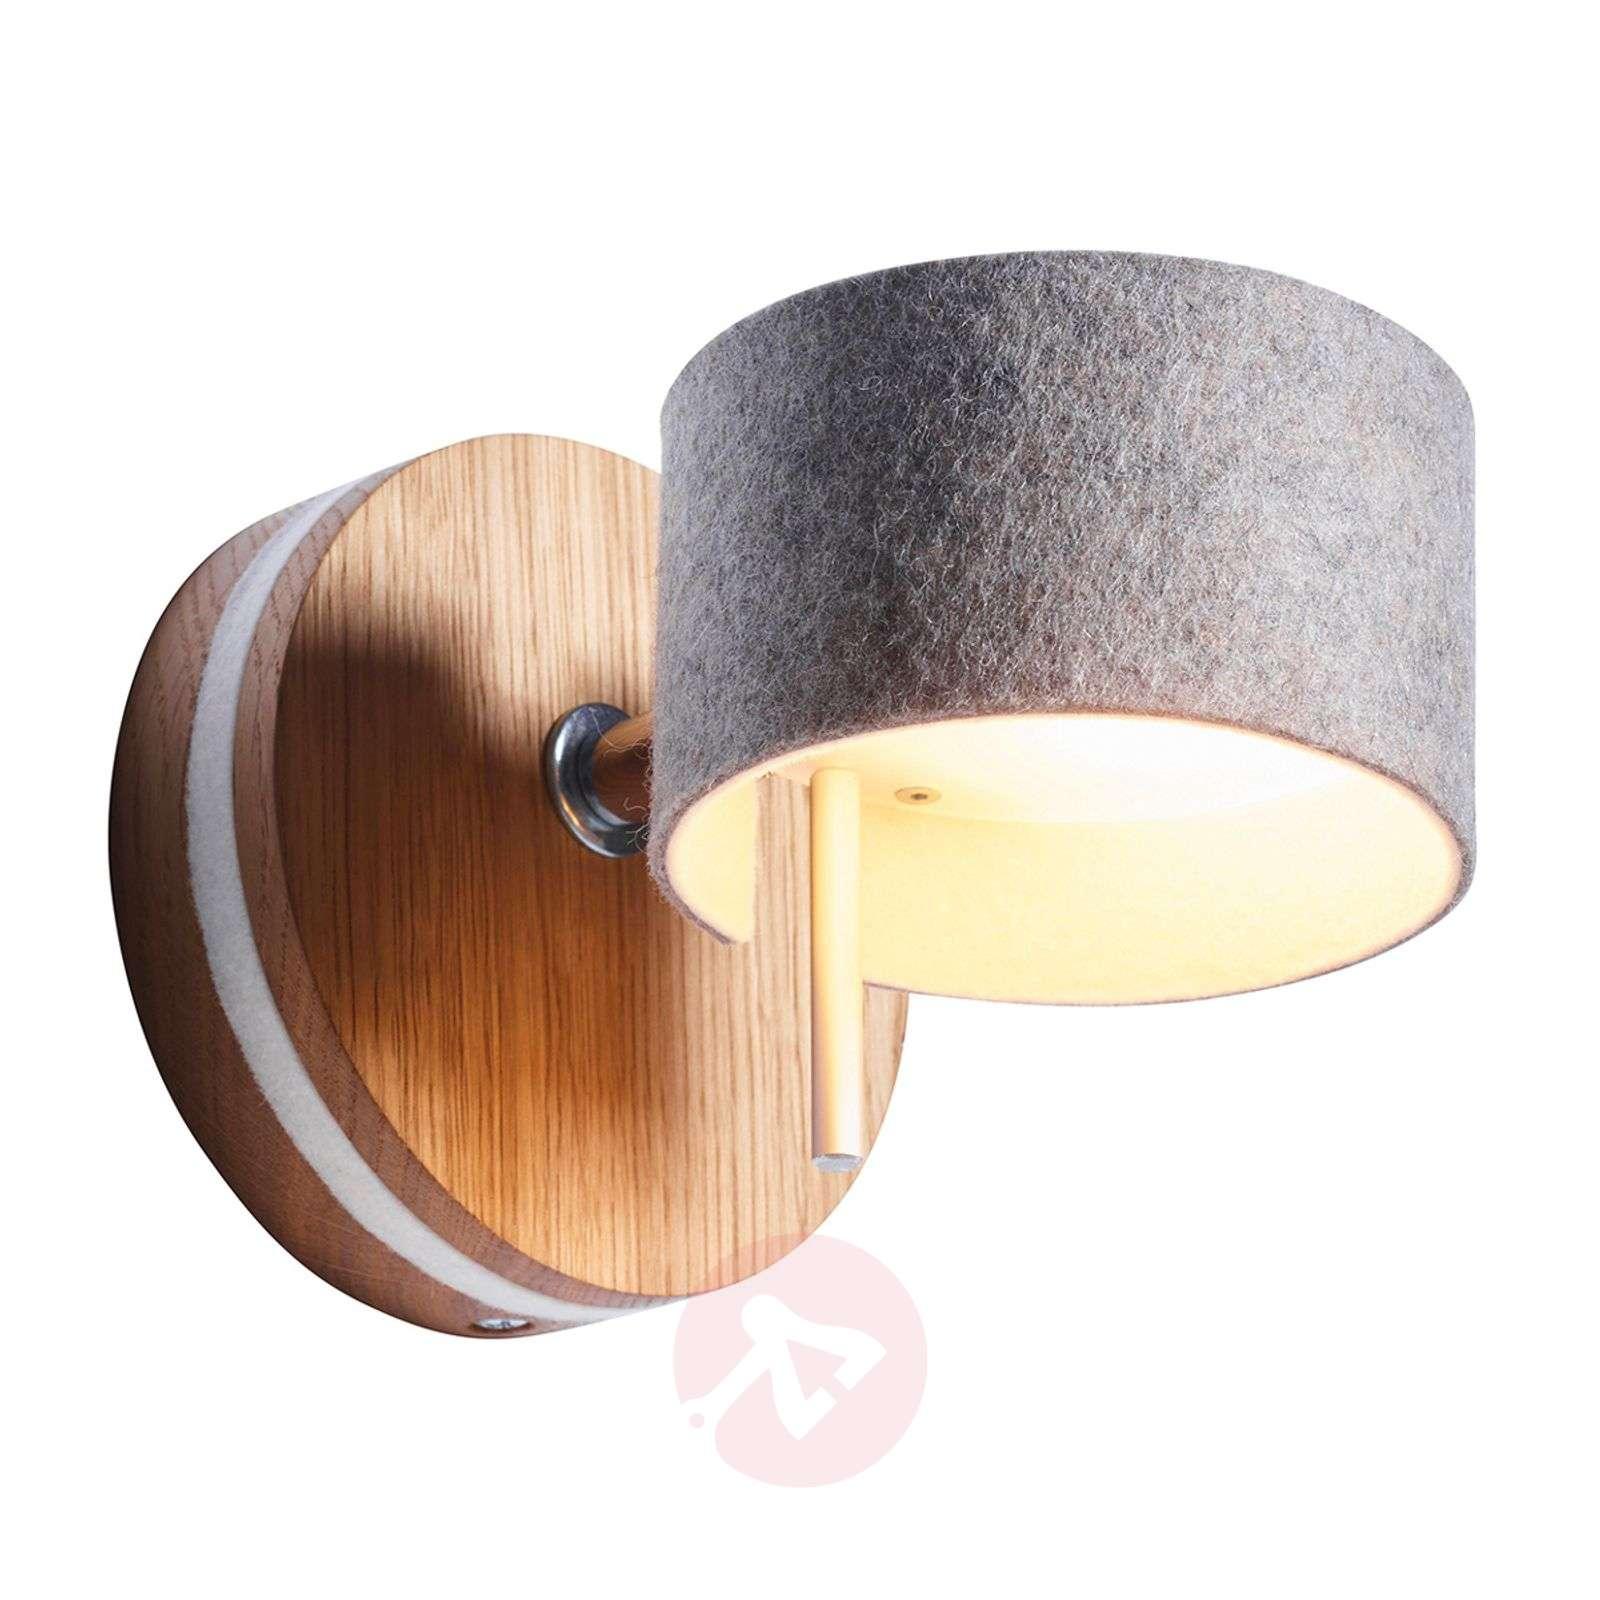 LED-seinävalaisin Frits, tammi ja huopa-2600522-01